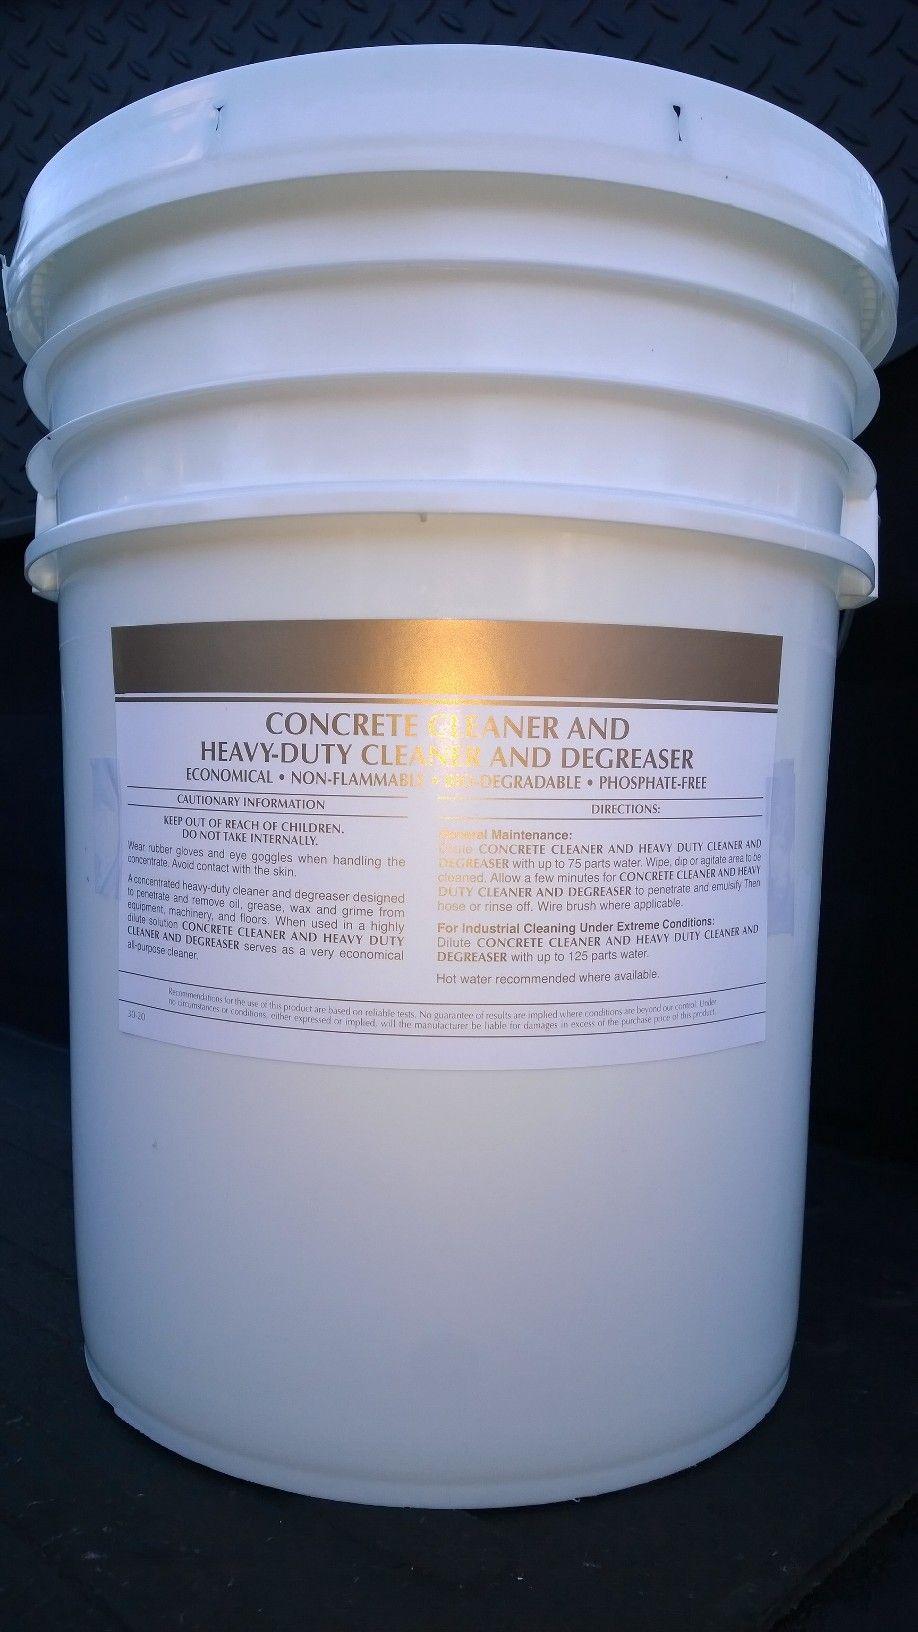 5 Gal Pail Concrete Cleaner Safe Multipurpose Non Toxic De Penetrates Concrete Asphalt Pores Lifts Grease Concrete Cleaner Degreasers Safe Tanning